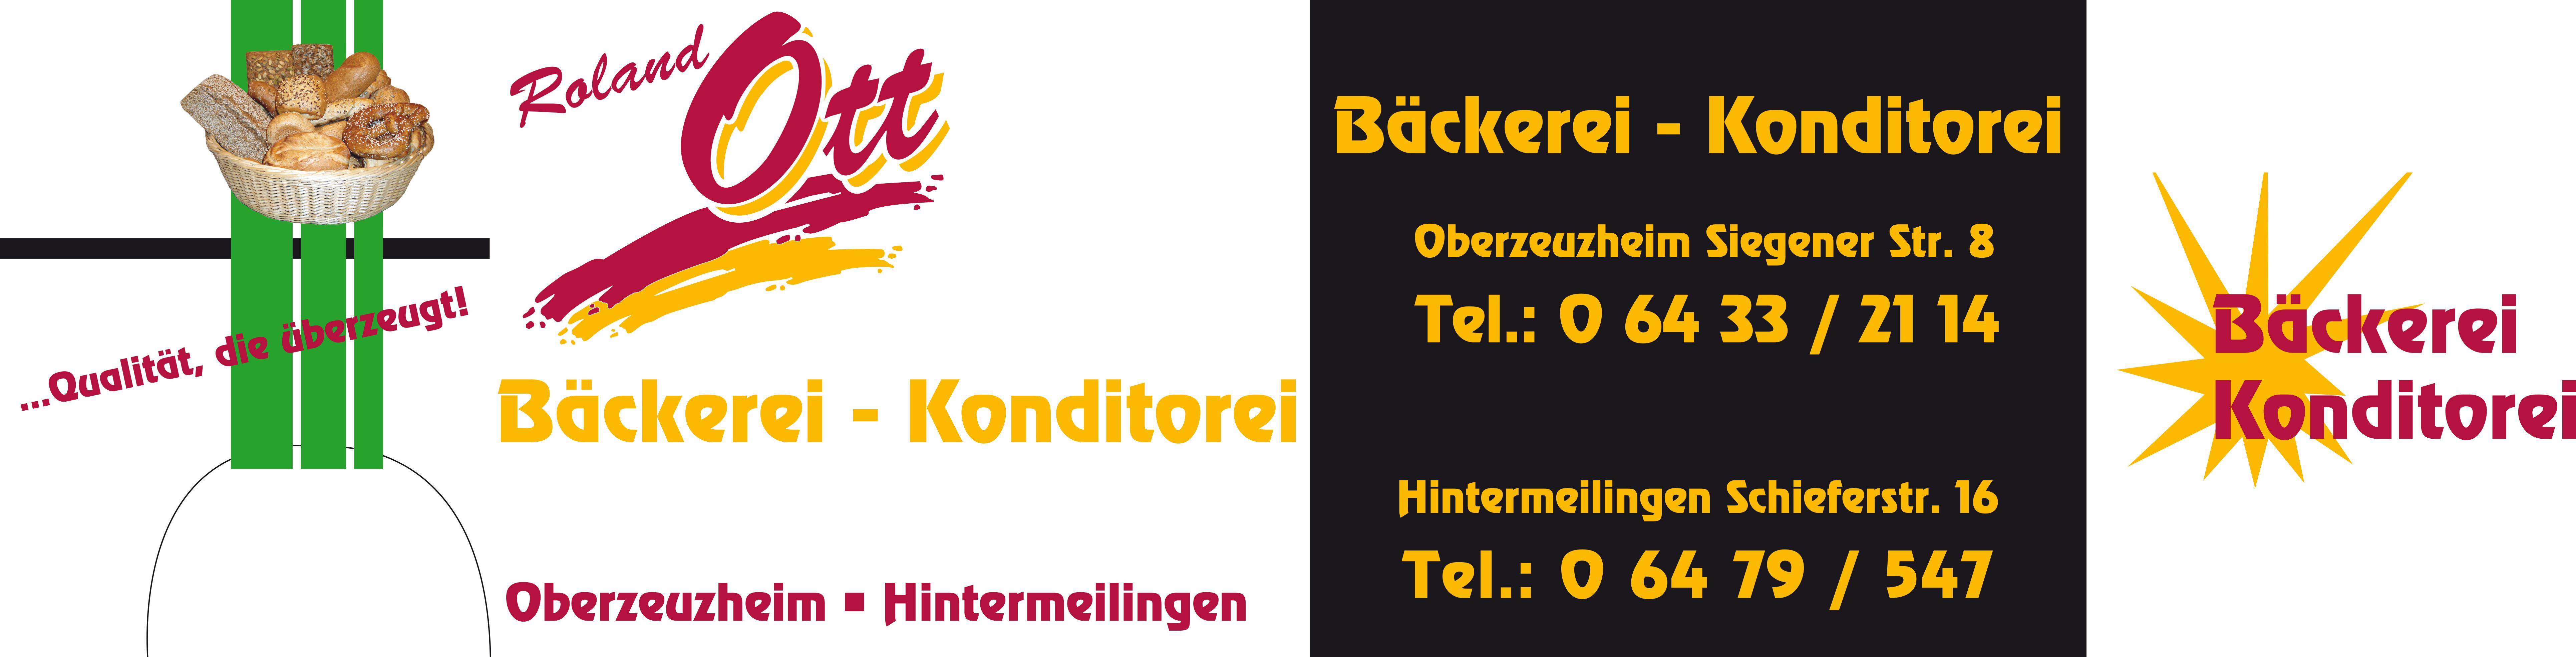 Bäckerei_Ott